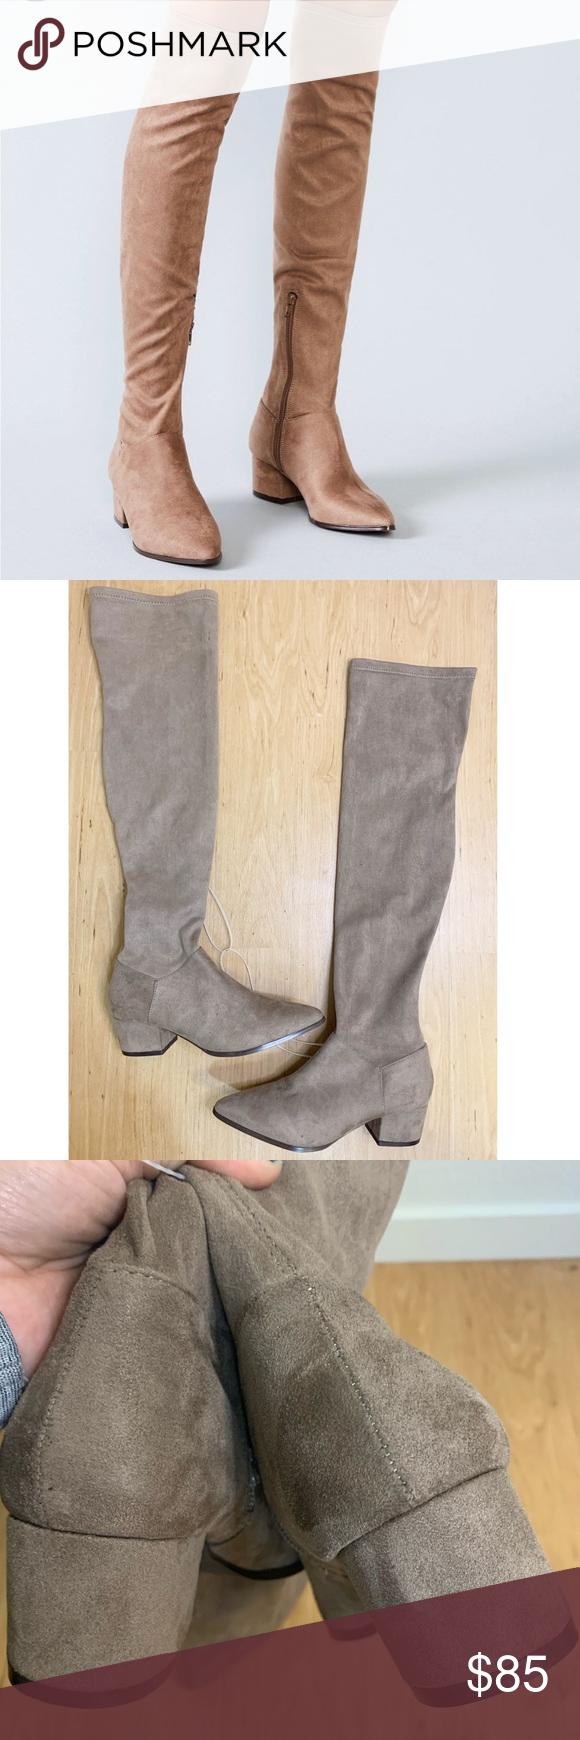 Carli OTK vegan block heel boots